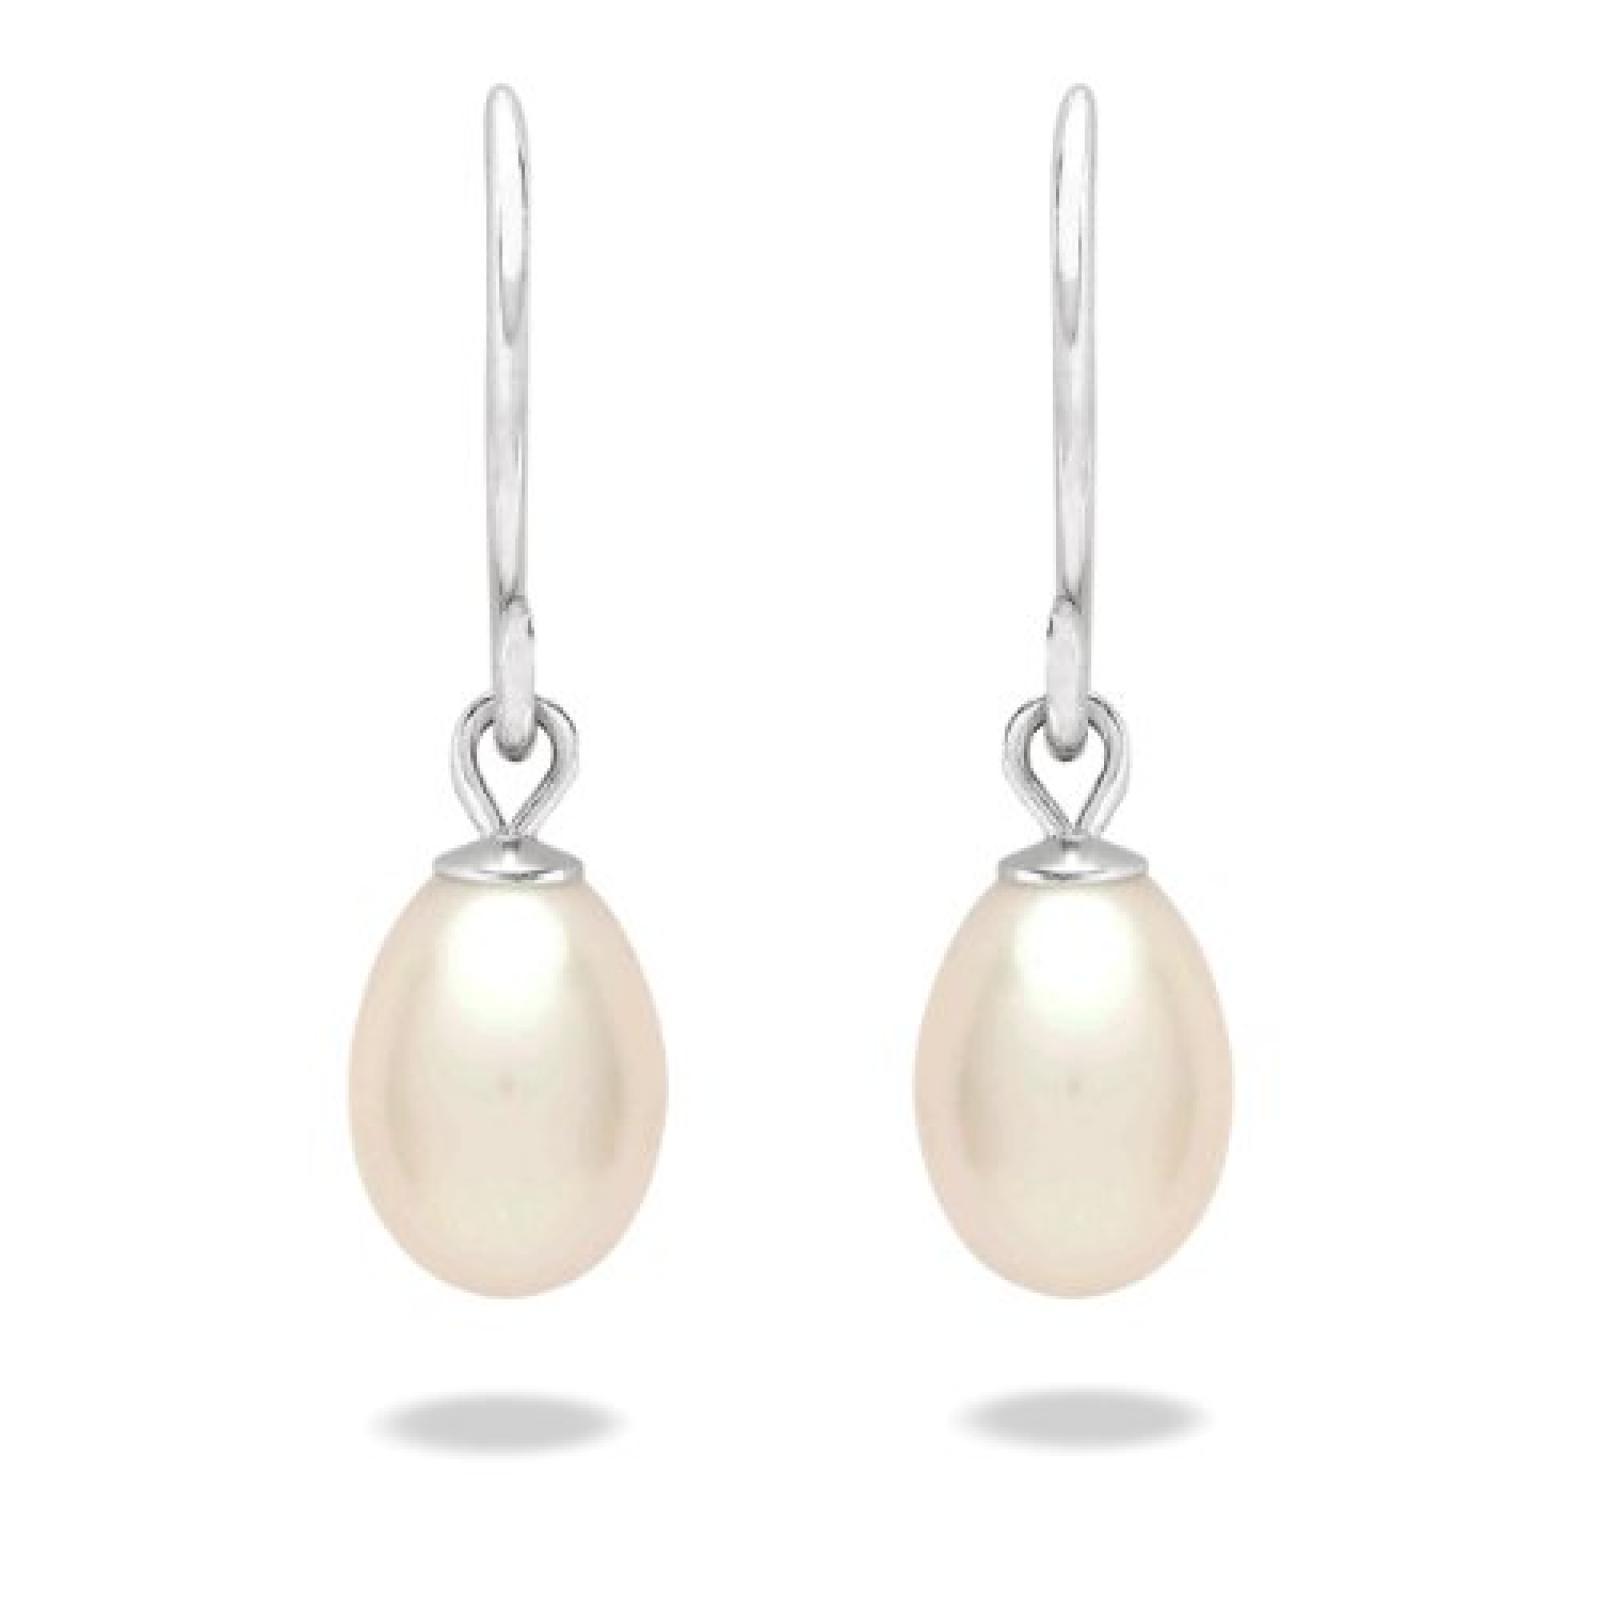 Valero Pearls Classic Collection Damen-Ohrhänger Hochwertige Süßwasser-Zuchtperlen in ca.  9 mm Tropfenform weiß 925 Sterling Silber       60020067